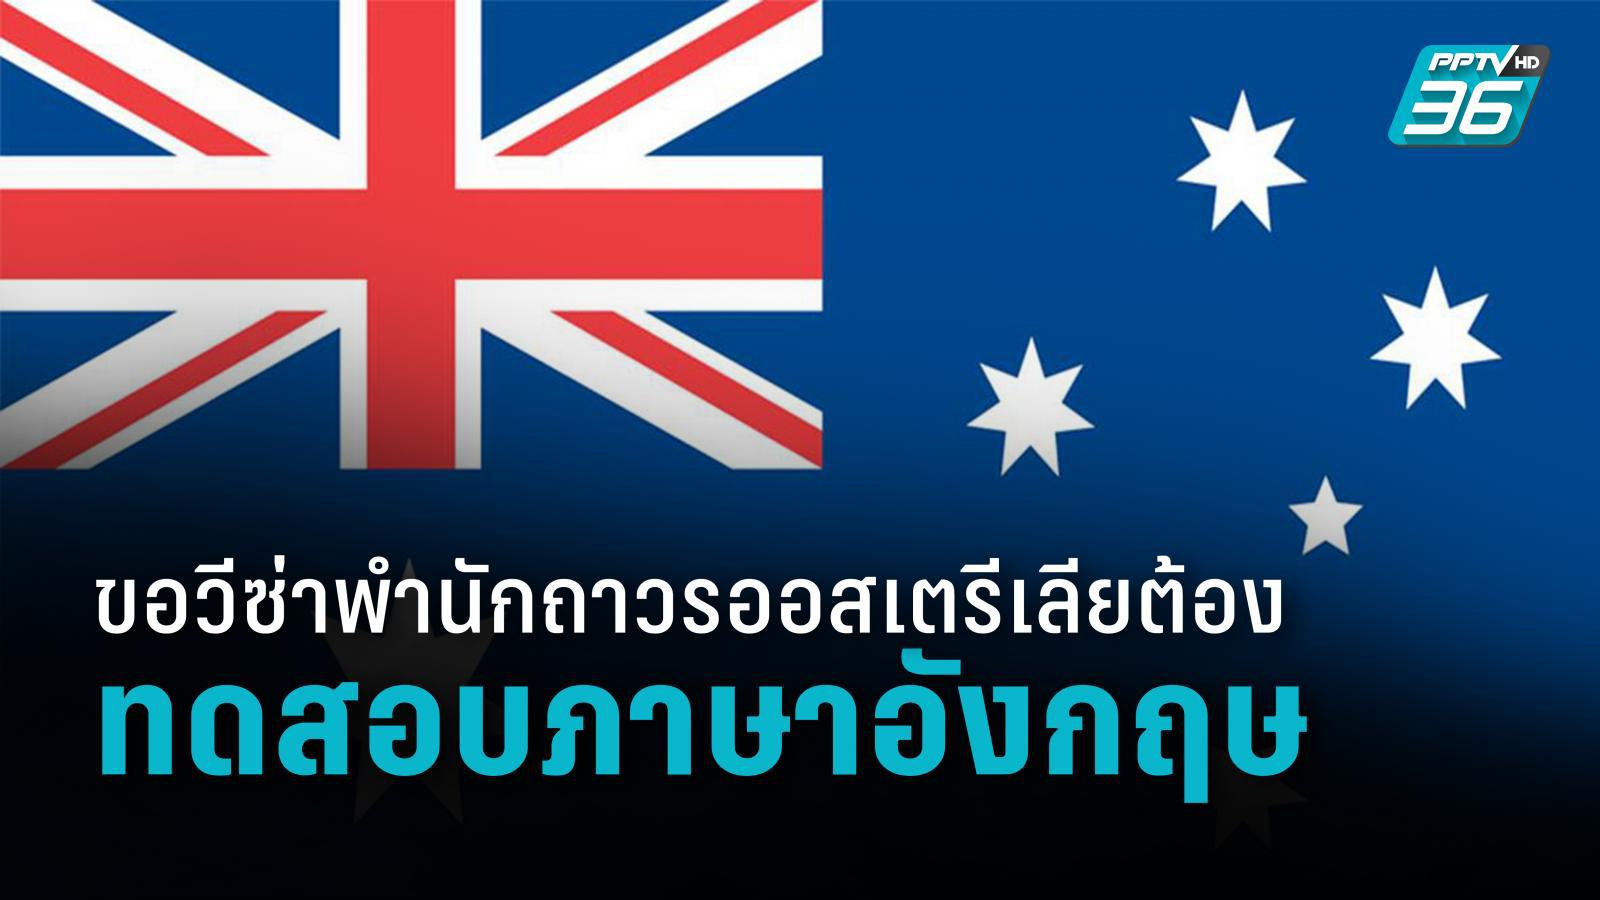 ออสเตรเลียเตรียม ออก กม.ต่างชาติขอวีซ่าถาวรต้องผ่านทดสอบภาษาอังกฤษ